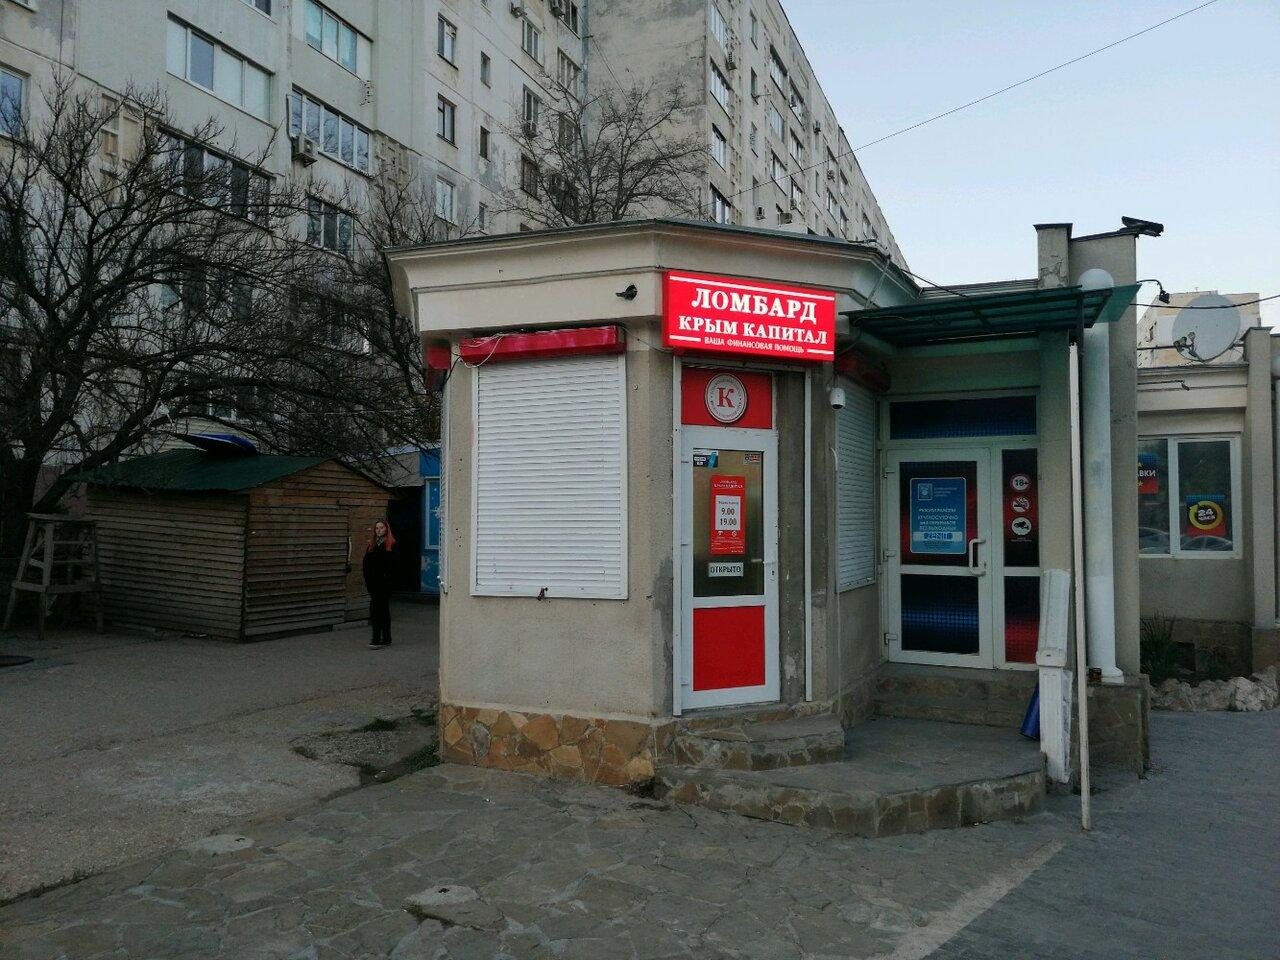 Капитал севастополь официальный сайт ломбард летного часа стоимости одного калькуляция